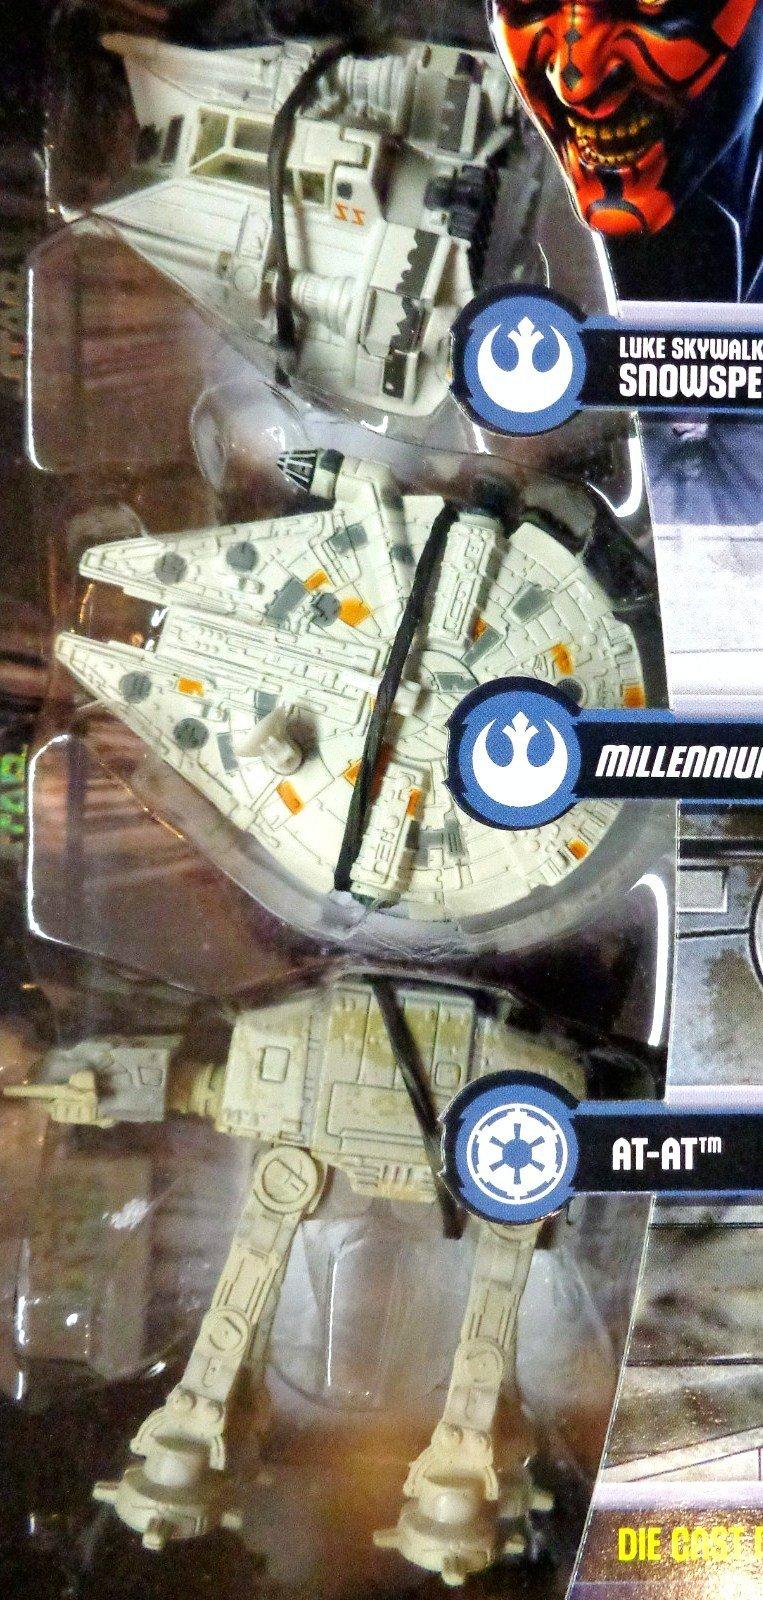 Die Cast Titanium Snowspeeder, Millennium Falcon, AT-AT